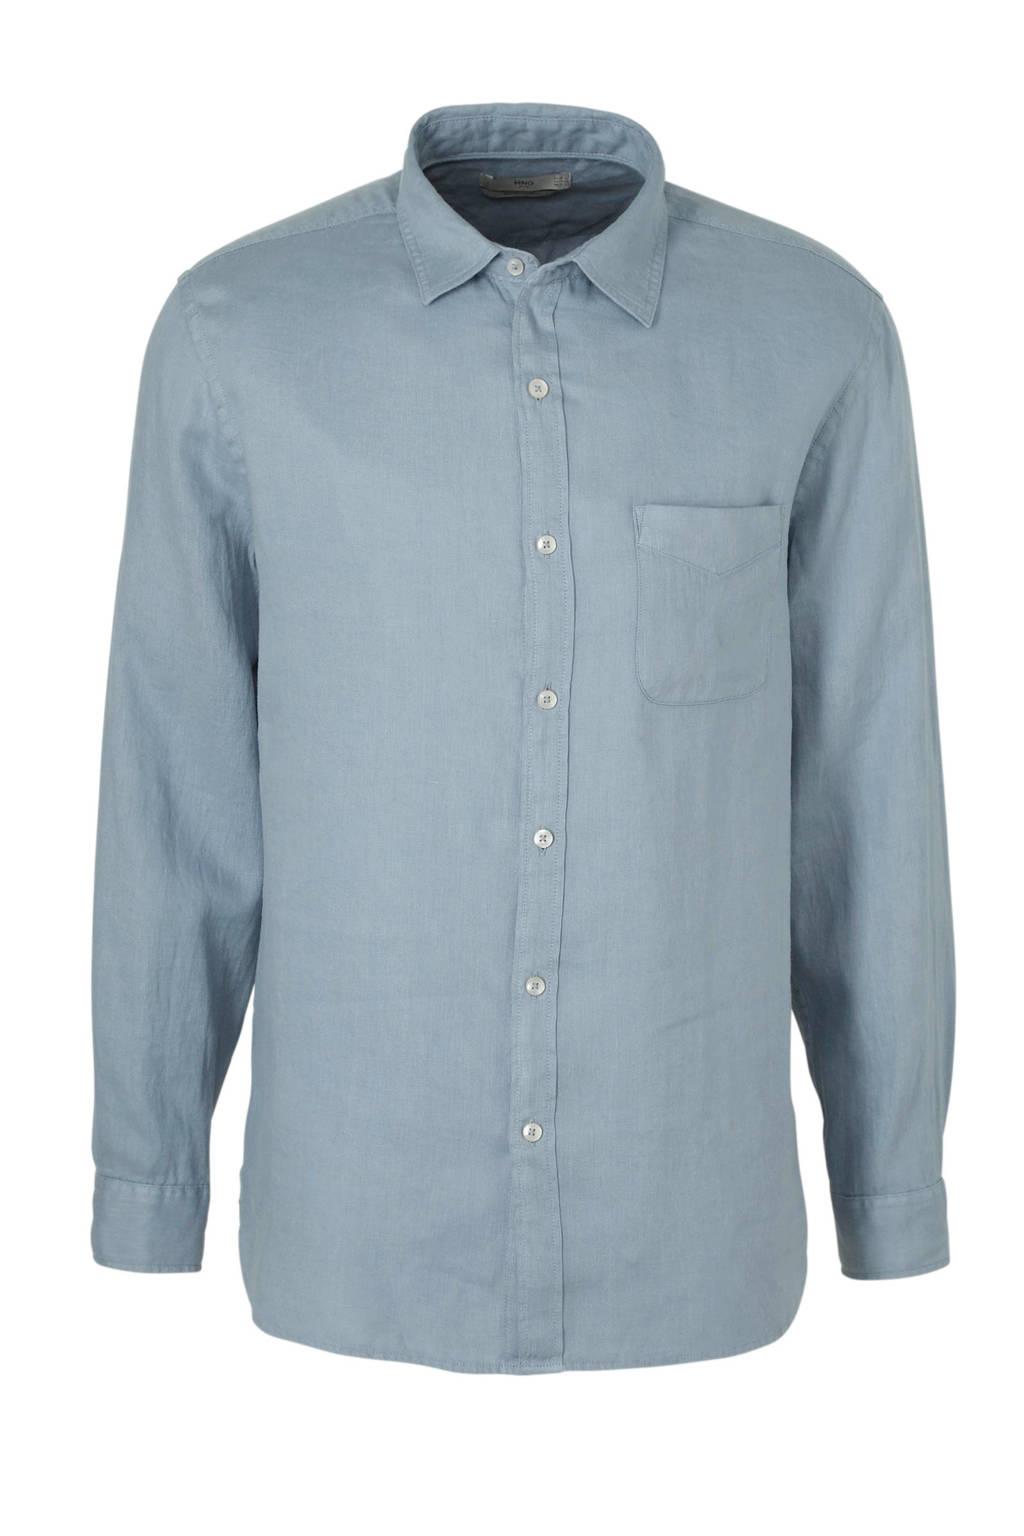 Mango Man linnen regular fit overhemd lichtblauw, Lichtblauw